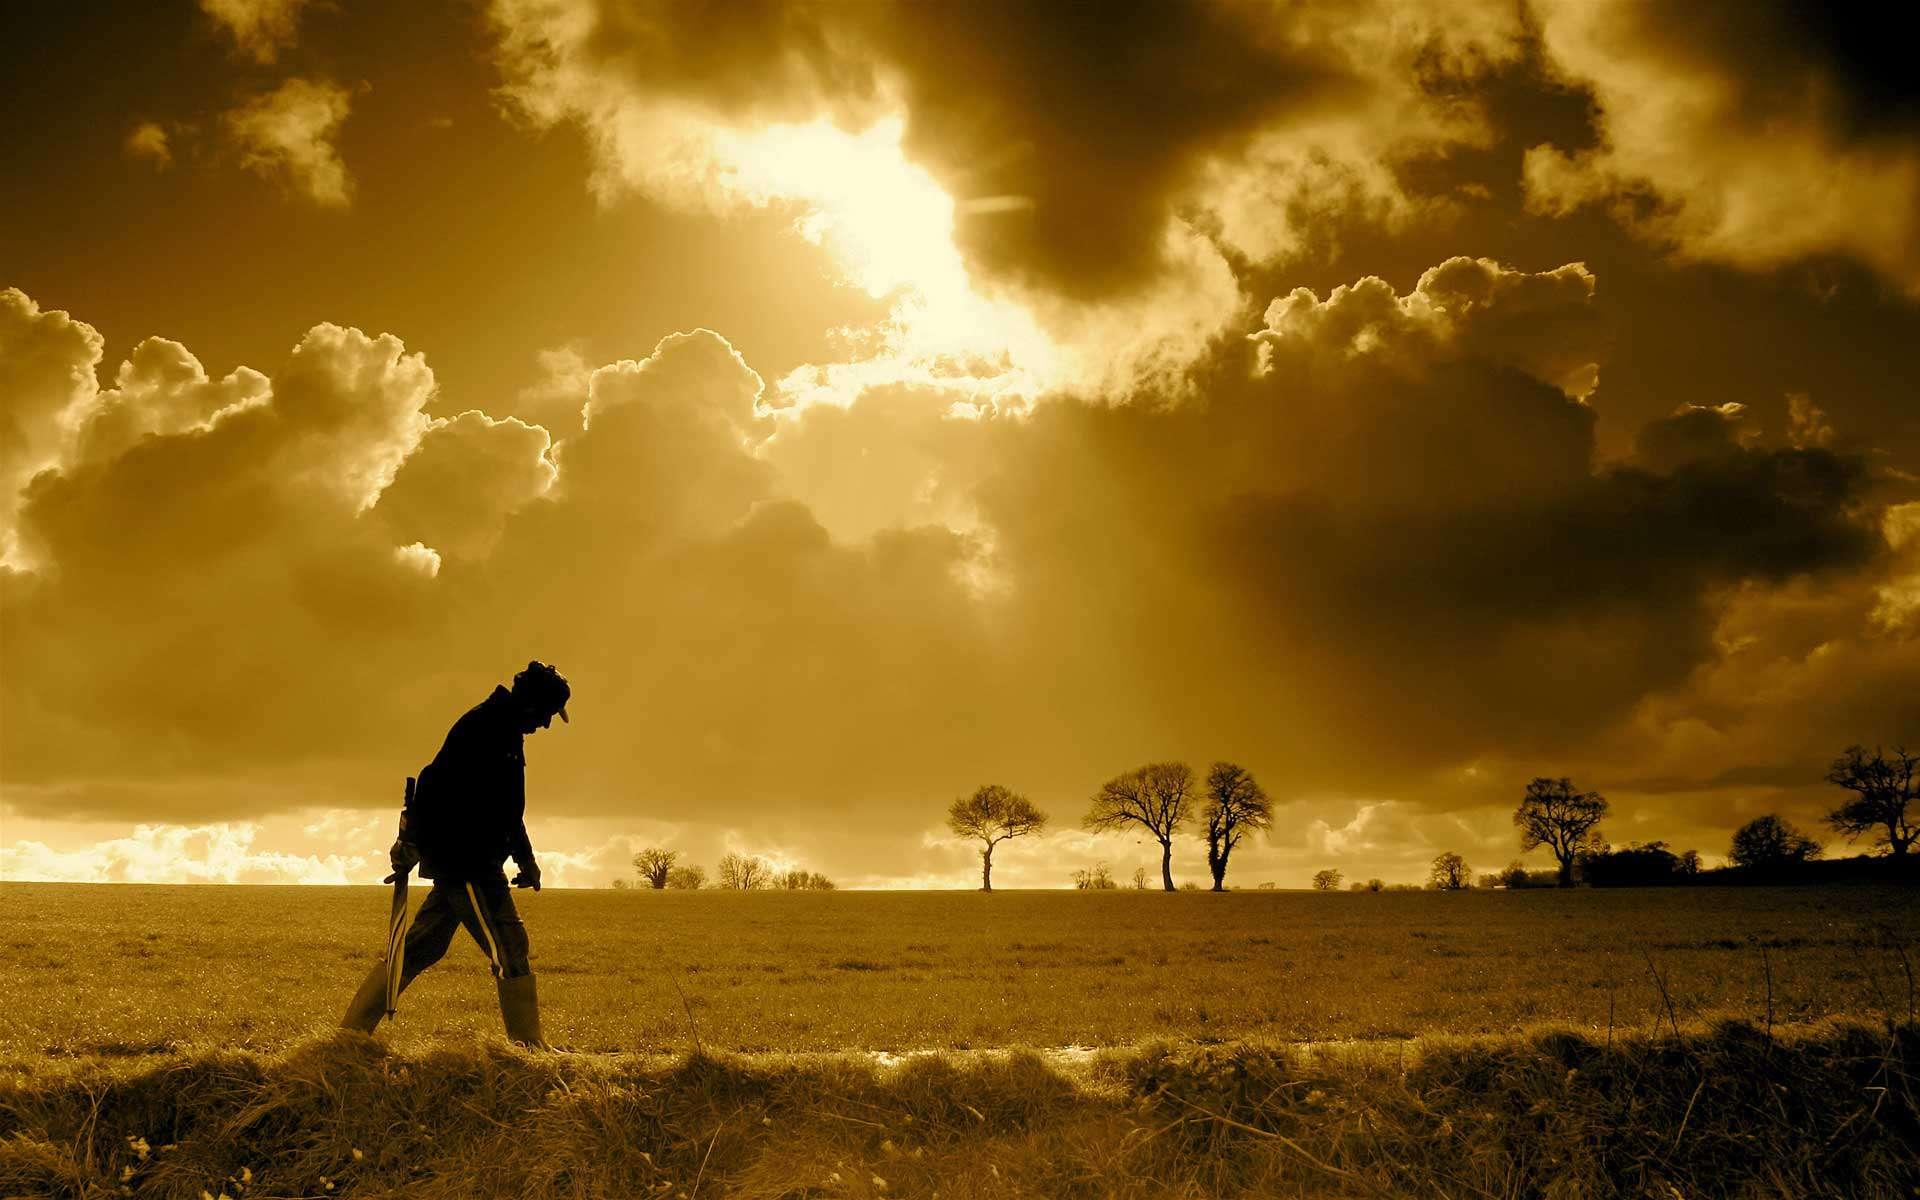 Man-Walking-In-Nature-Wallpaper-Beautiful